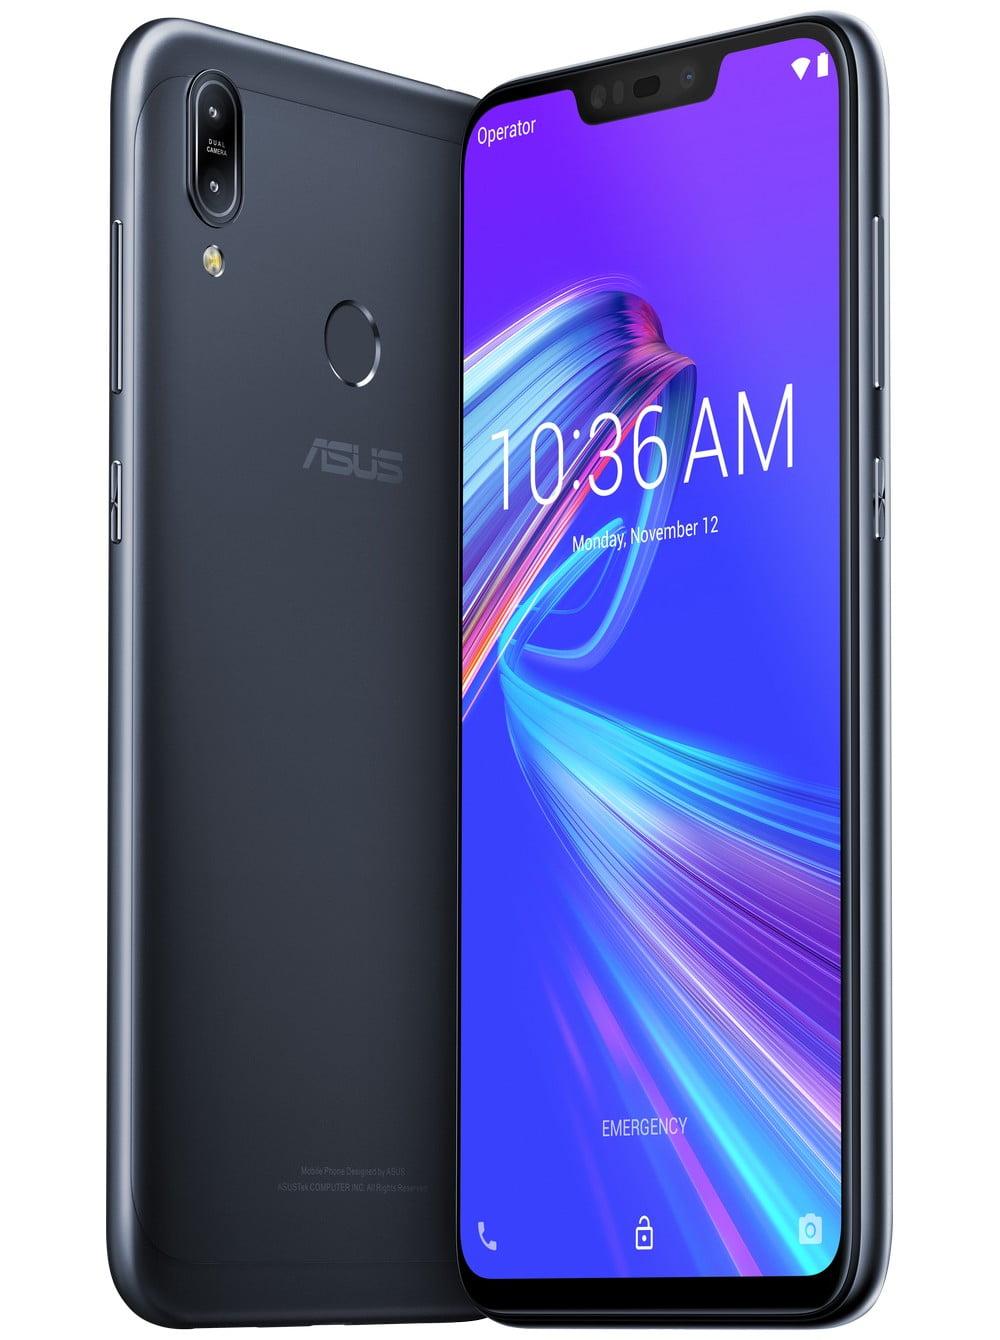 Best Phones for PUBG Under 10000 in India